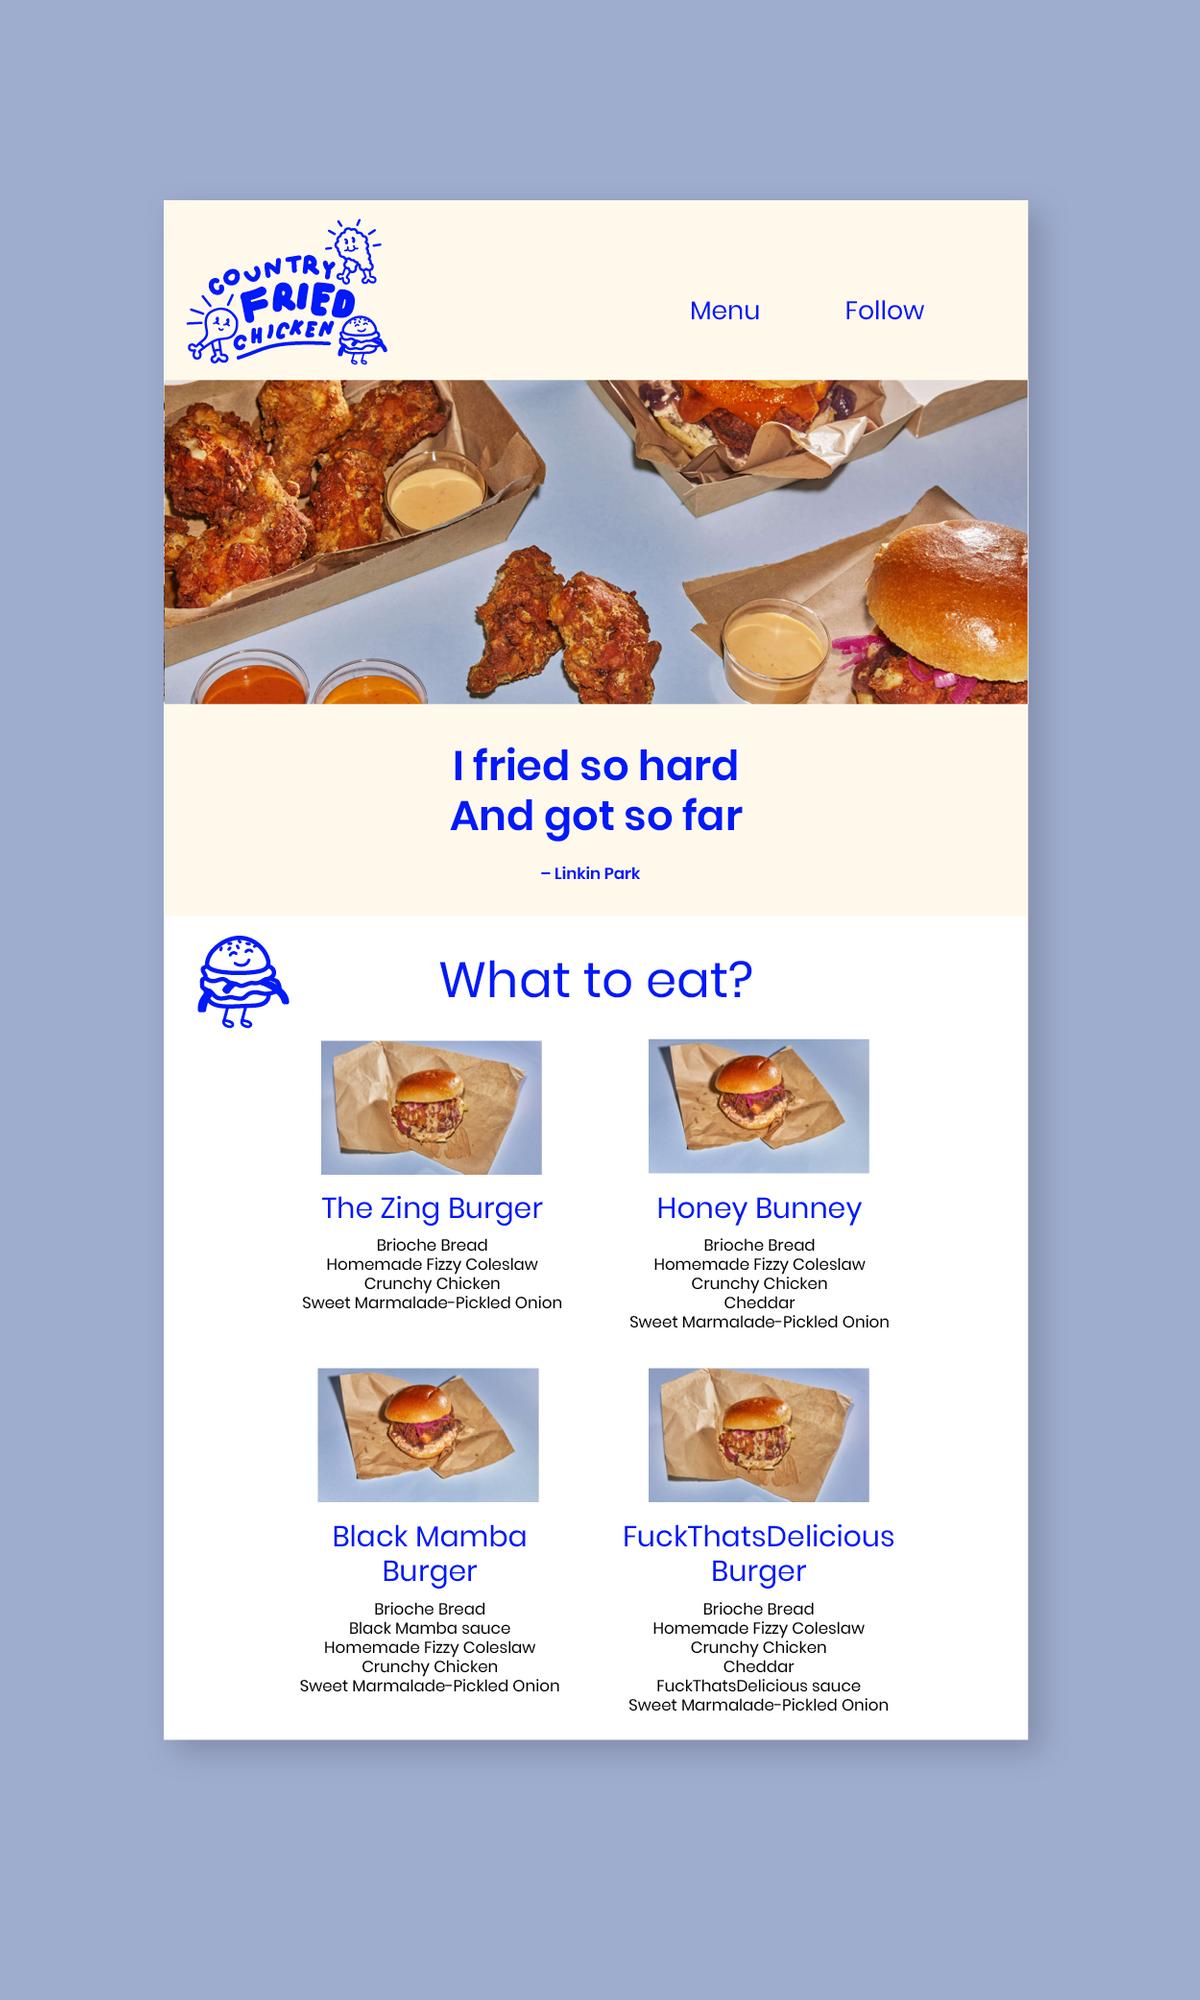 Nettside for Country fried chicken